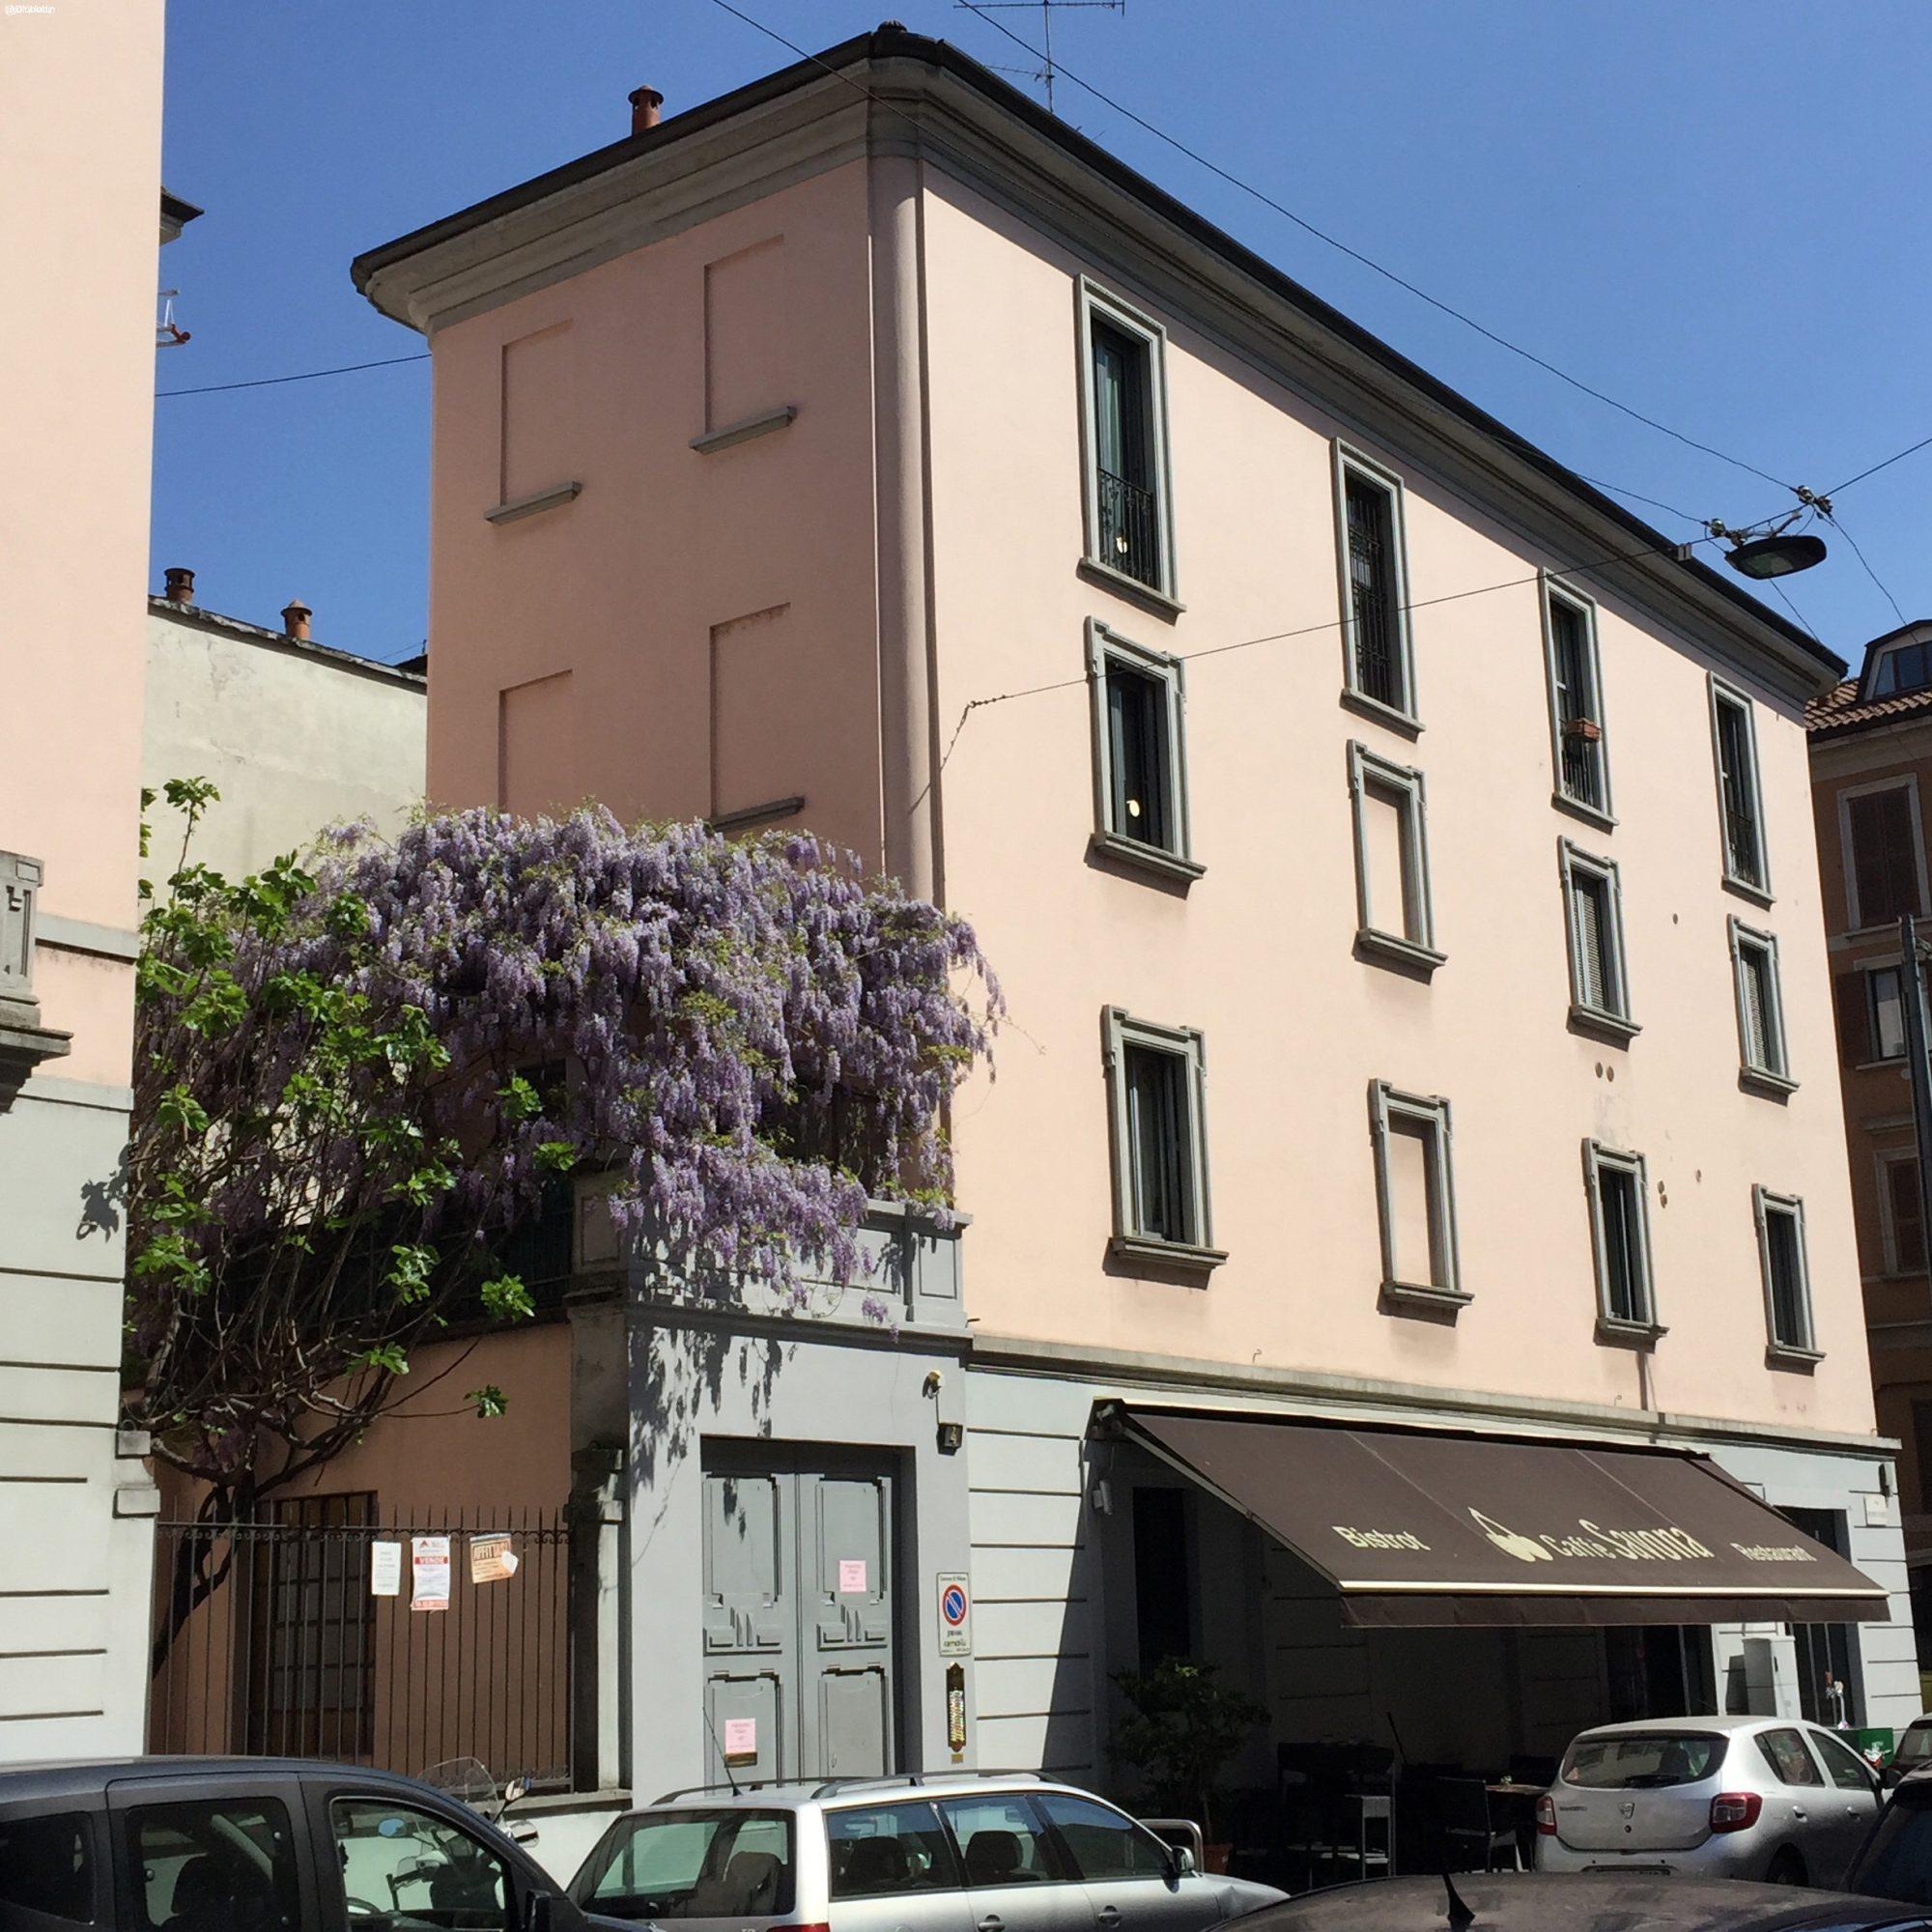 Kulörinspiration från Milano